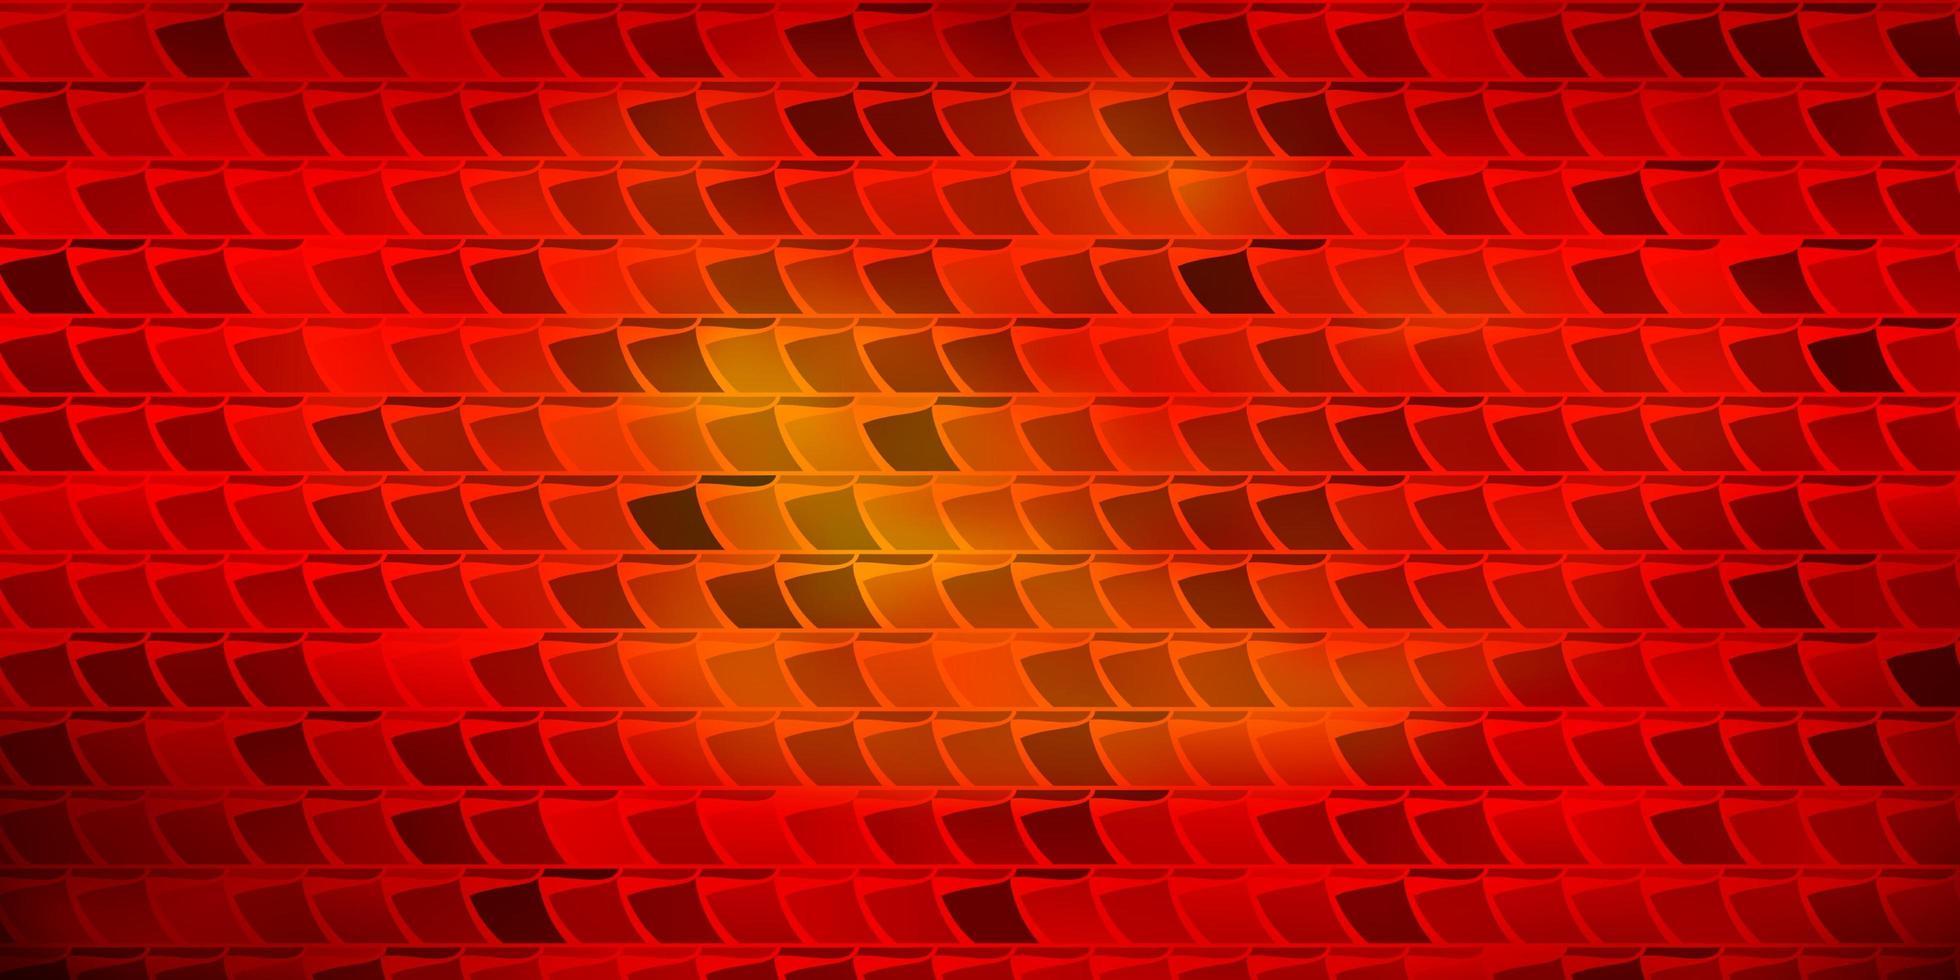 textura vector vermelho escuro em estilo retangular